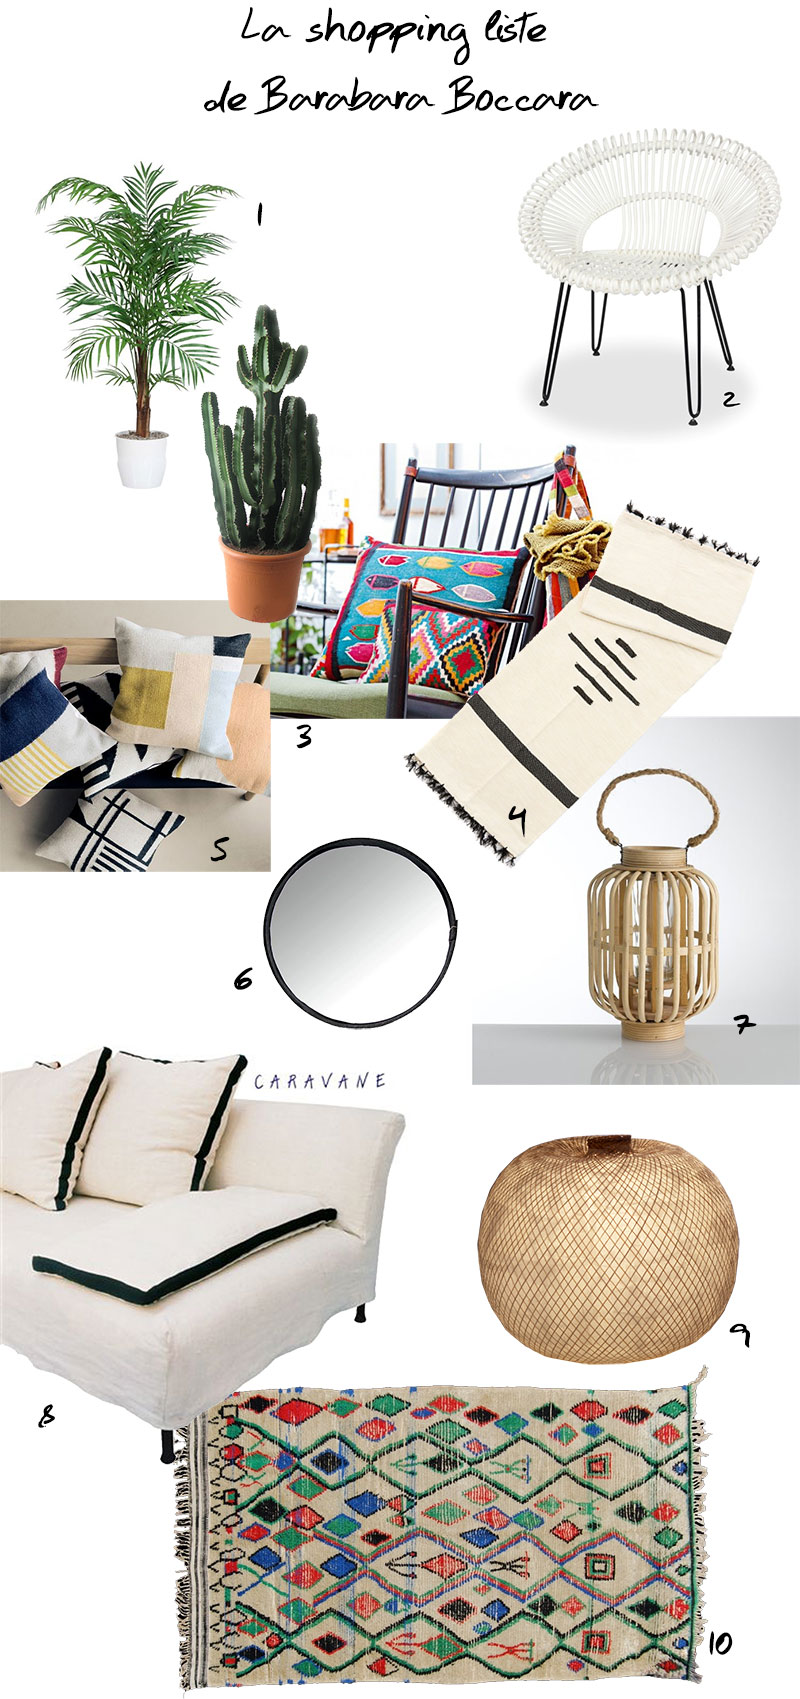 Shopping liste Barbara Boccara